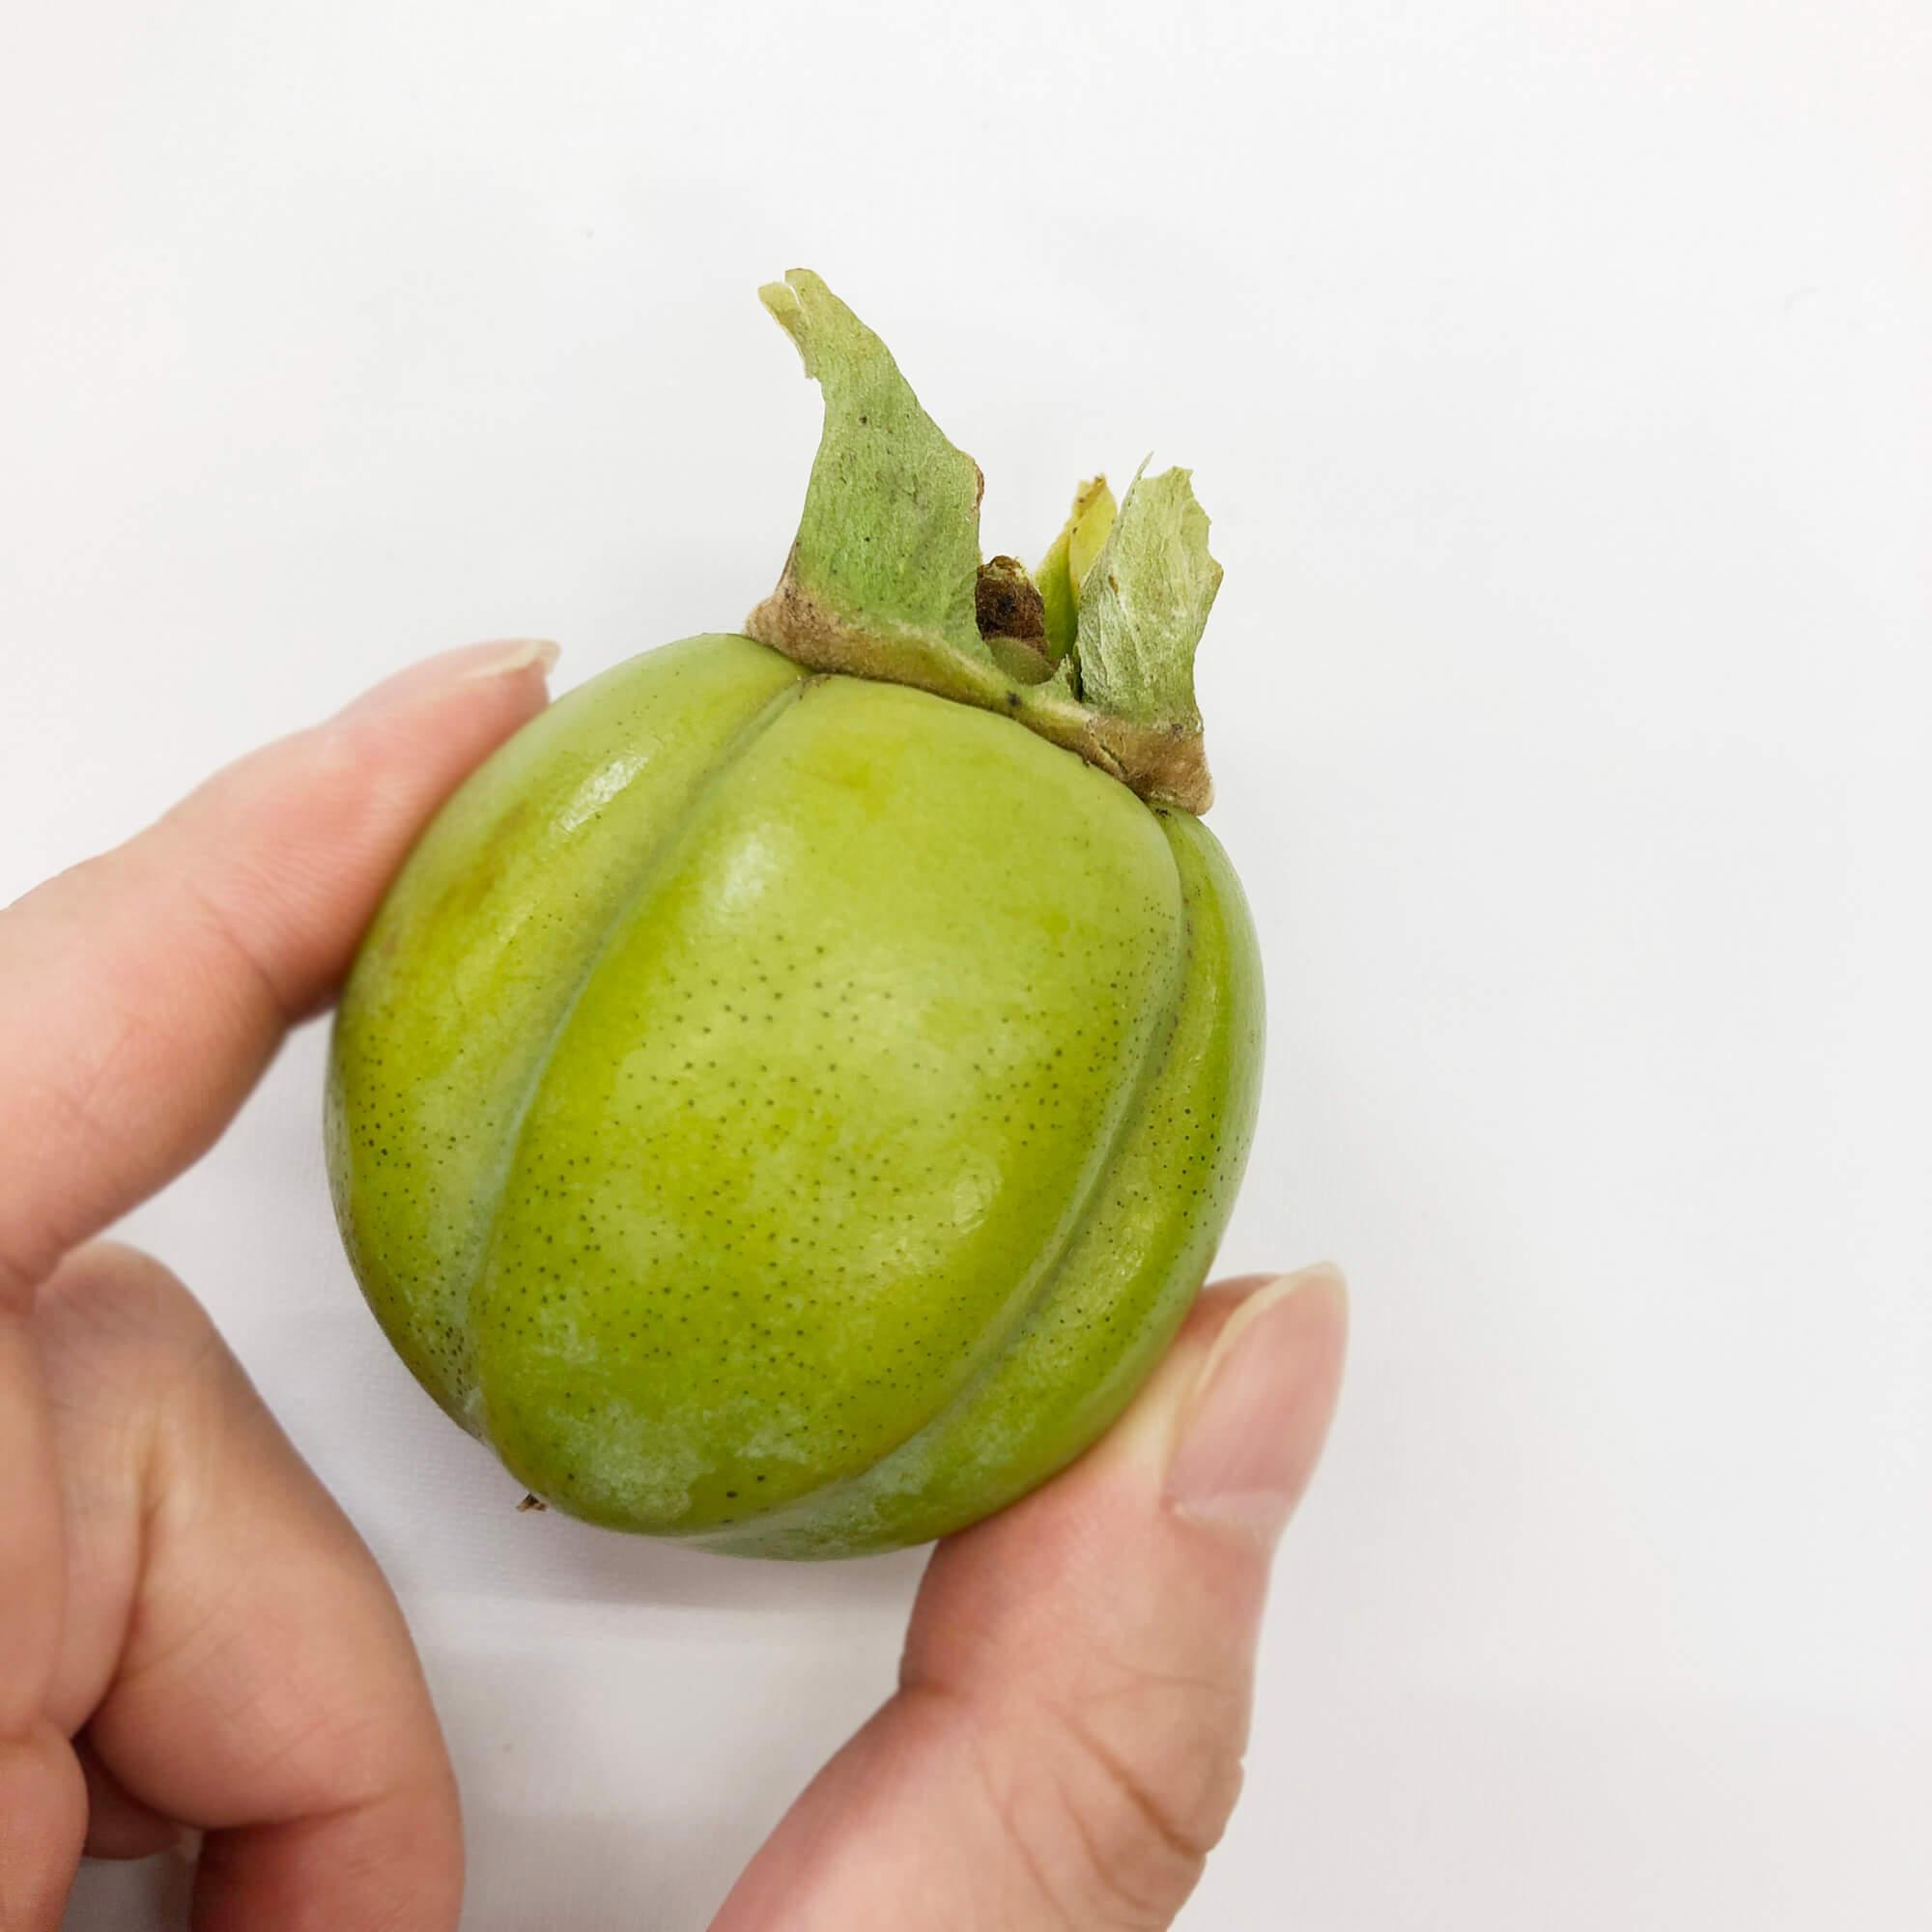 手に持ってみると小ささが分かる摘果した西条柿の渋柿